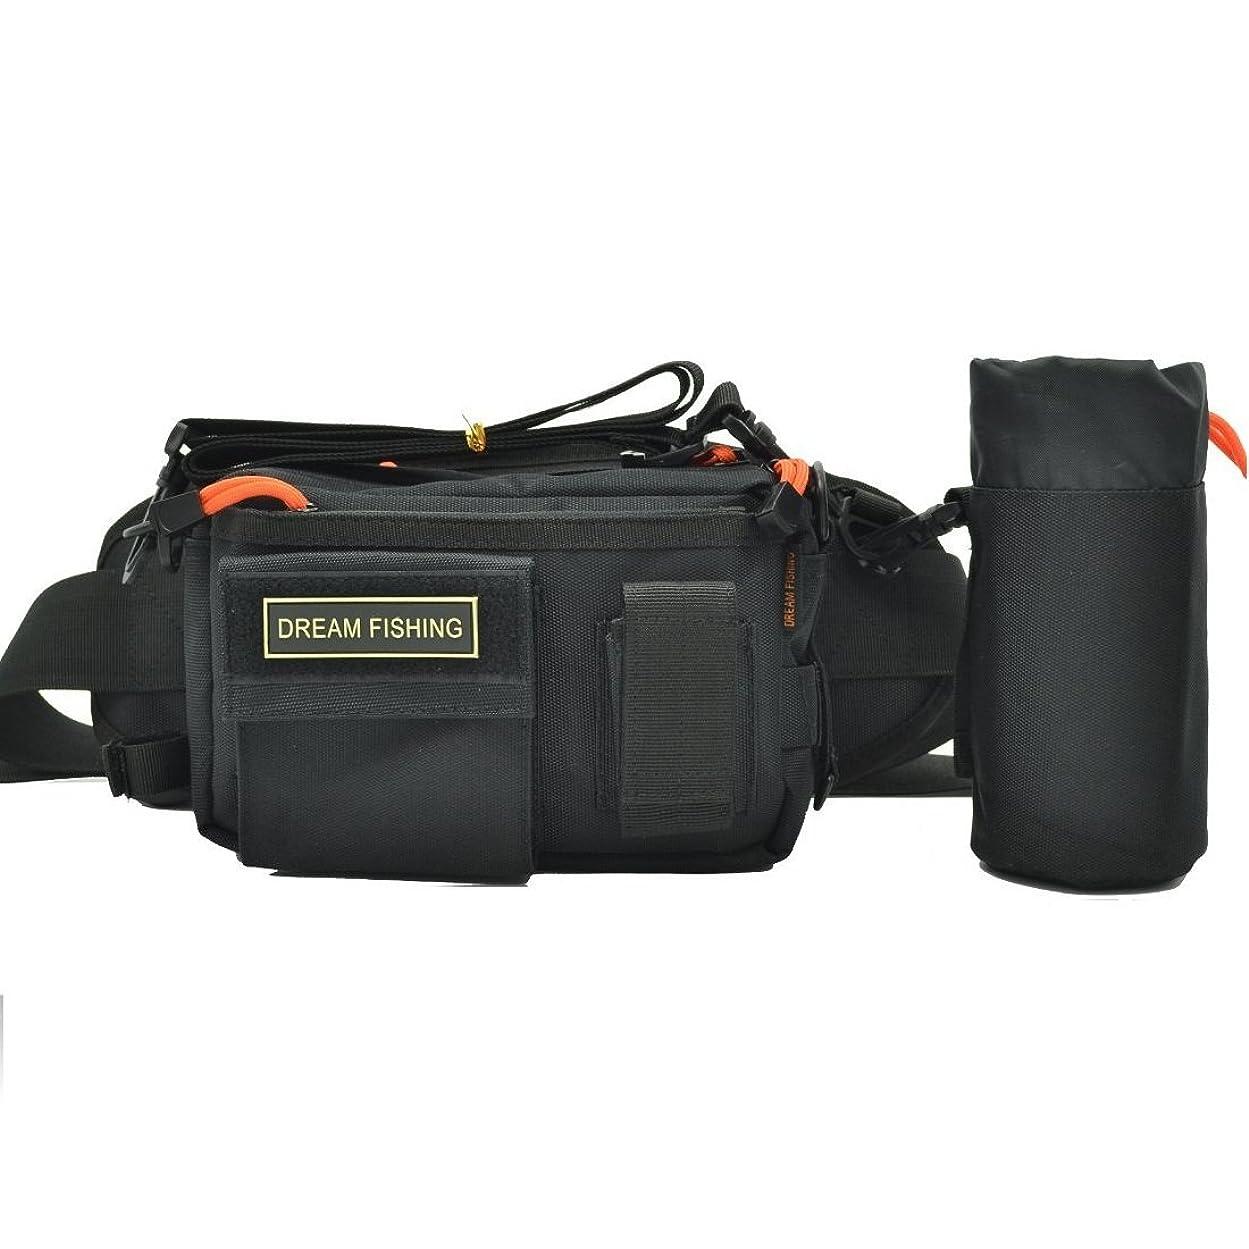 調べるトリム尋ねるフィッシング バッグ 釣り用 ヒップ バック ショルダー 2way 多機能 収納 ロック式カラビナ付 セット